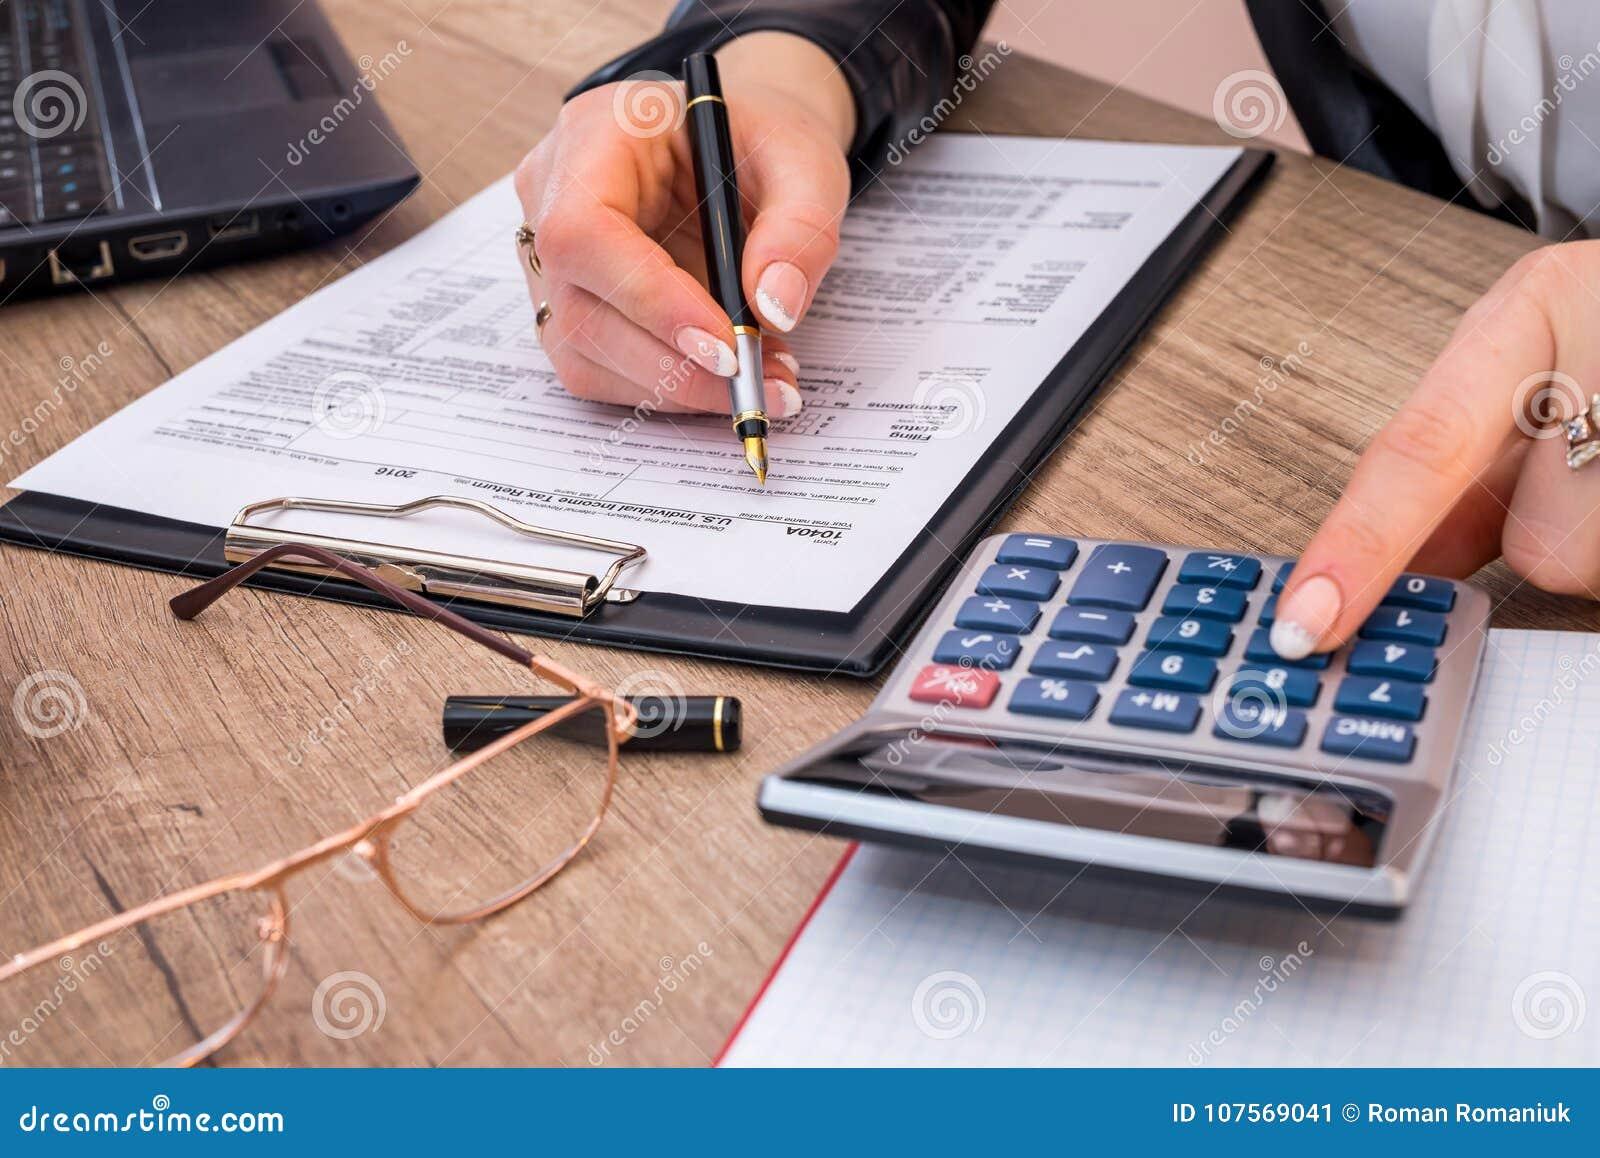 Kobiety segregowania podatku dochodowego indywidualna forma 1040 z kalkulatorem,